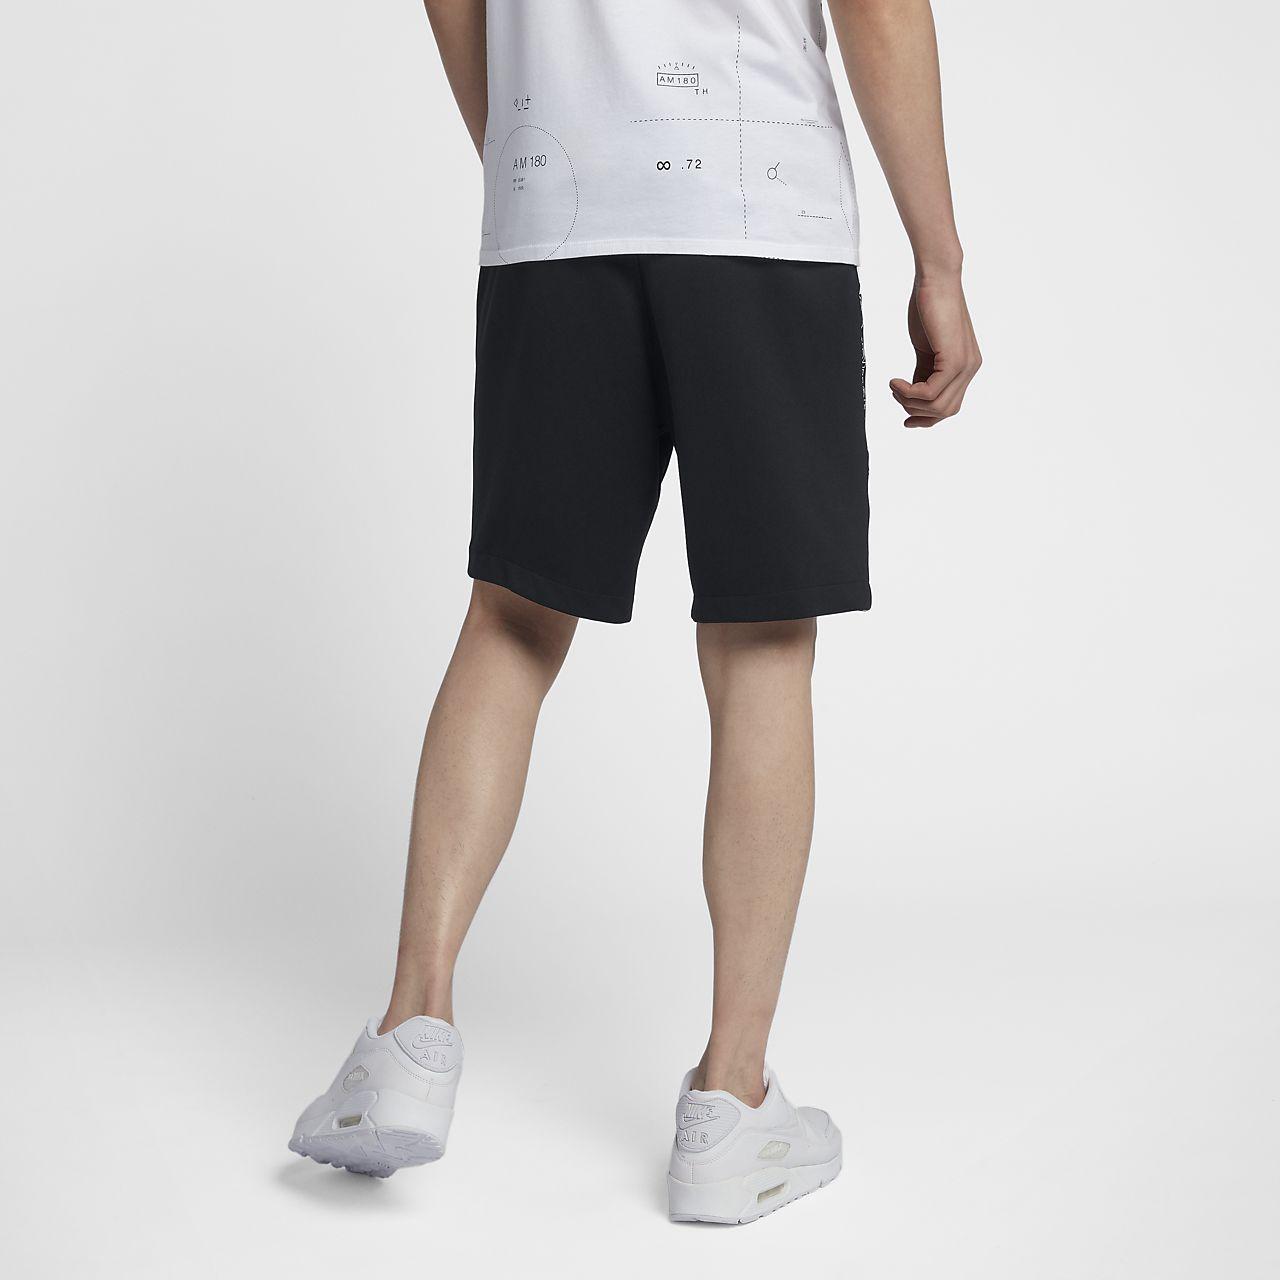 nike air max 15 mens shorts